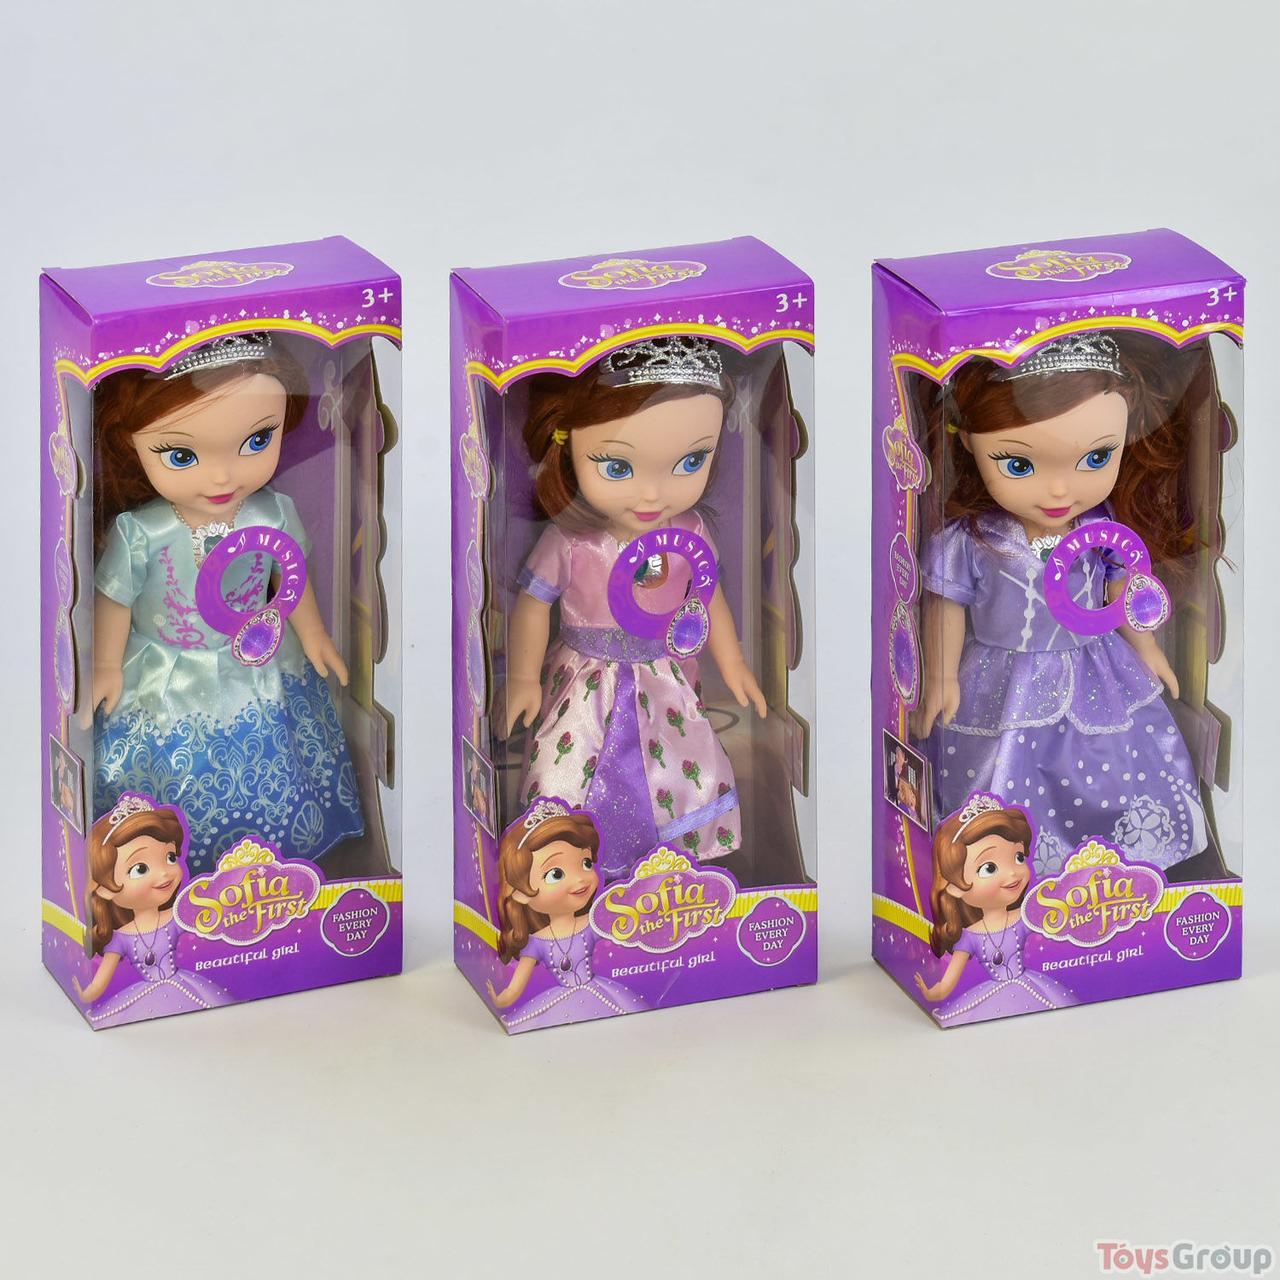 Кукла Принцесса София  BL 8059 (120) поёт песню на английском языке, 3 цвета, в коробке